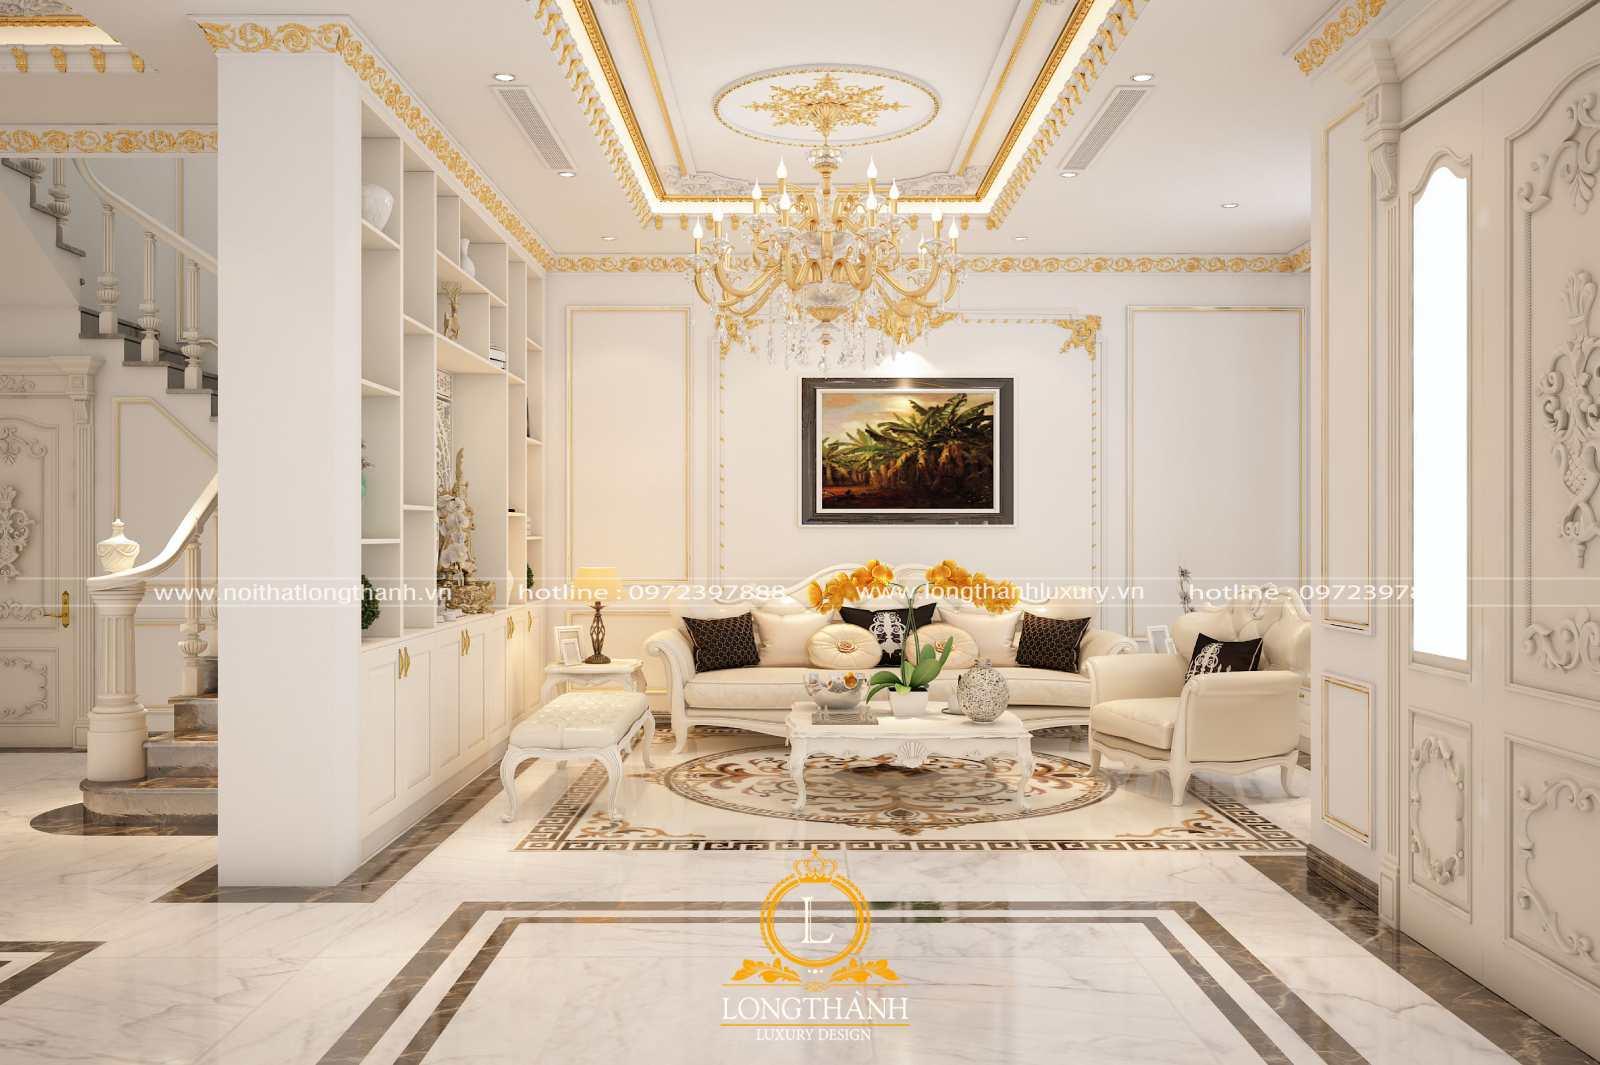 Sofa phòng khách tân cổ điển tăng thêm vẻ đẹp và thẩm mỹ